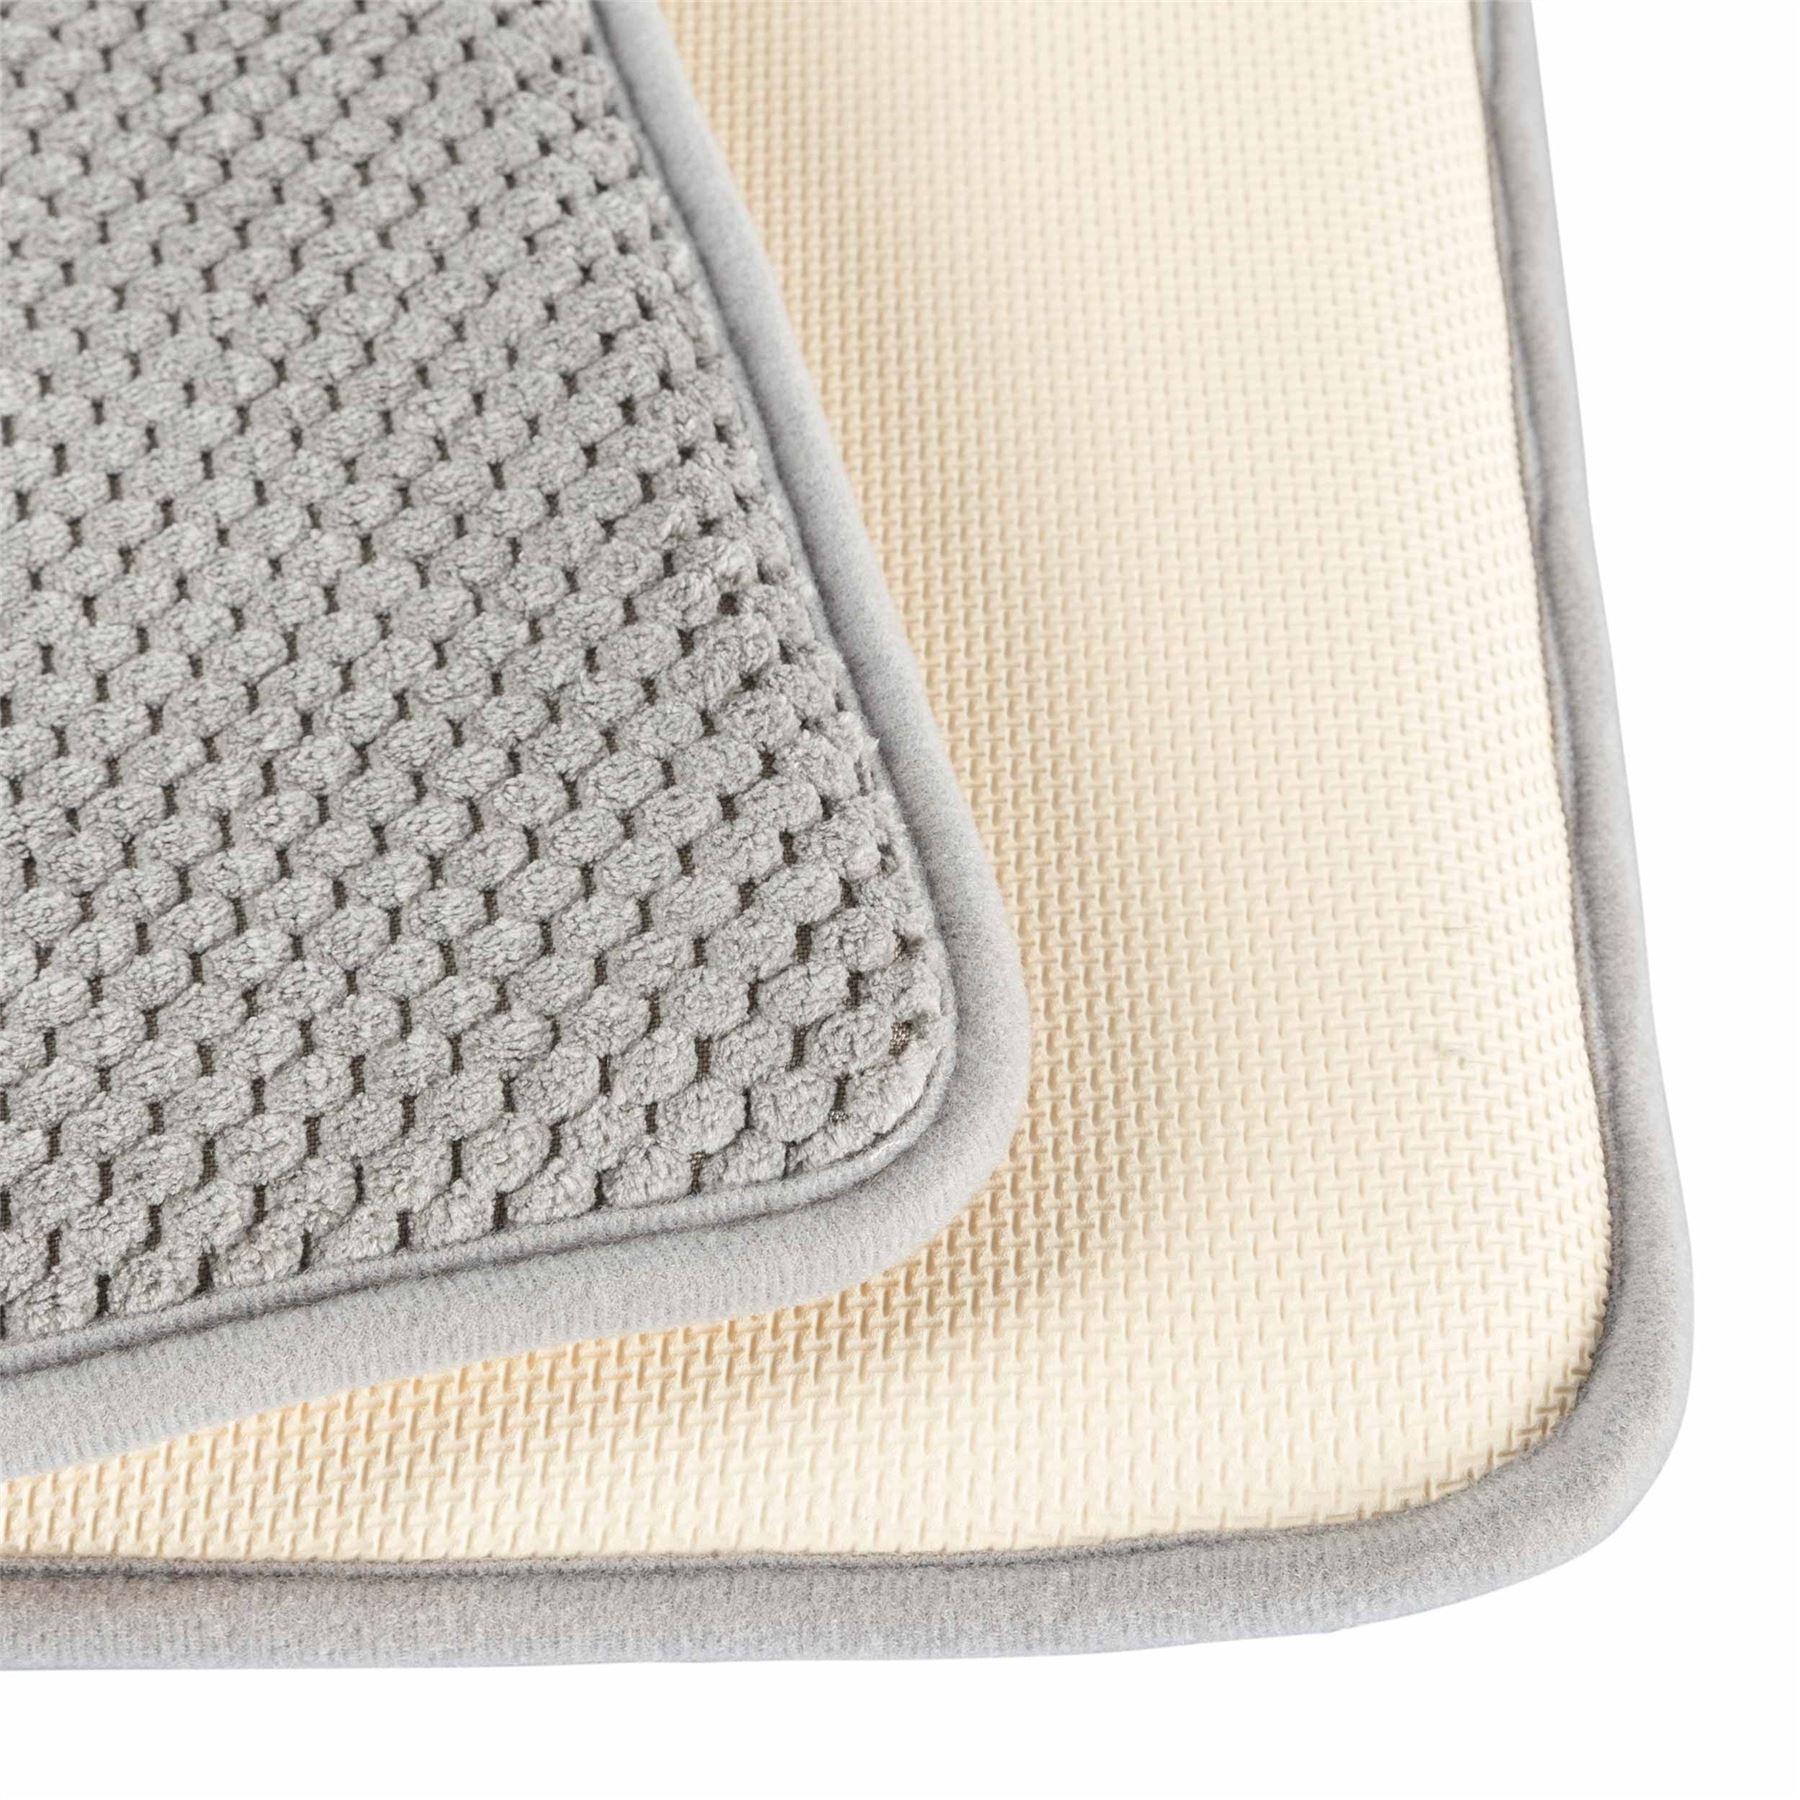 for interiors floor pads exercise foam large tiles eva full interlocking design unique of mat size wood effect hom